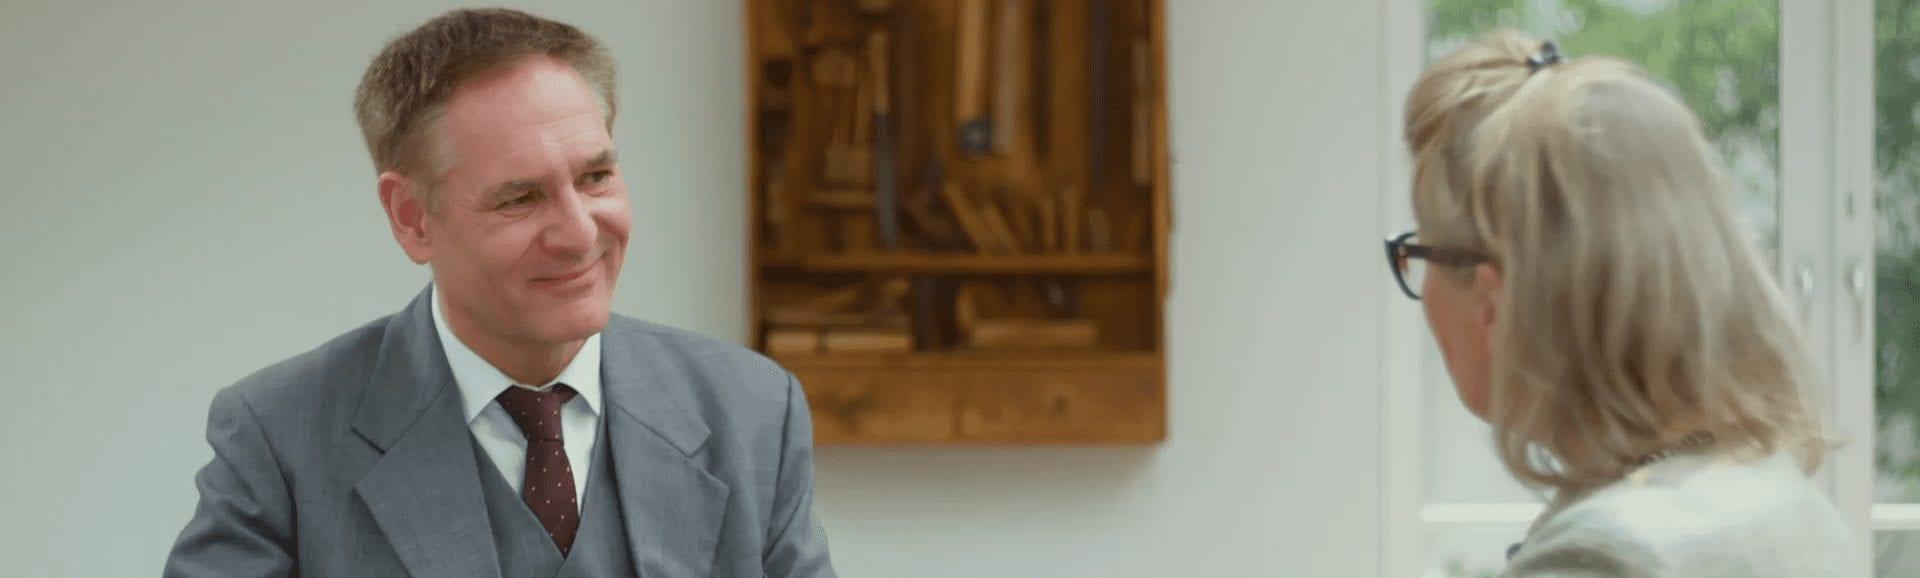 Notar Pohl prüft und erklärt das Teilverkaufsangebot der Deutsche Teilkauf